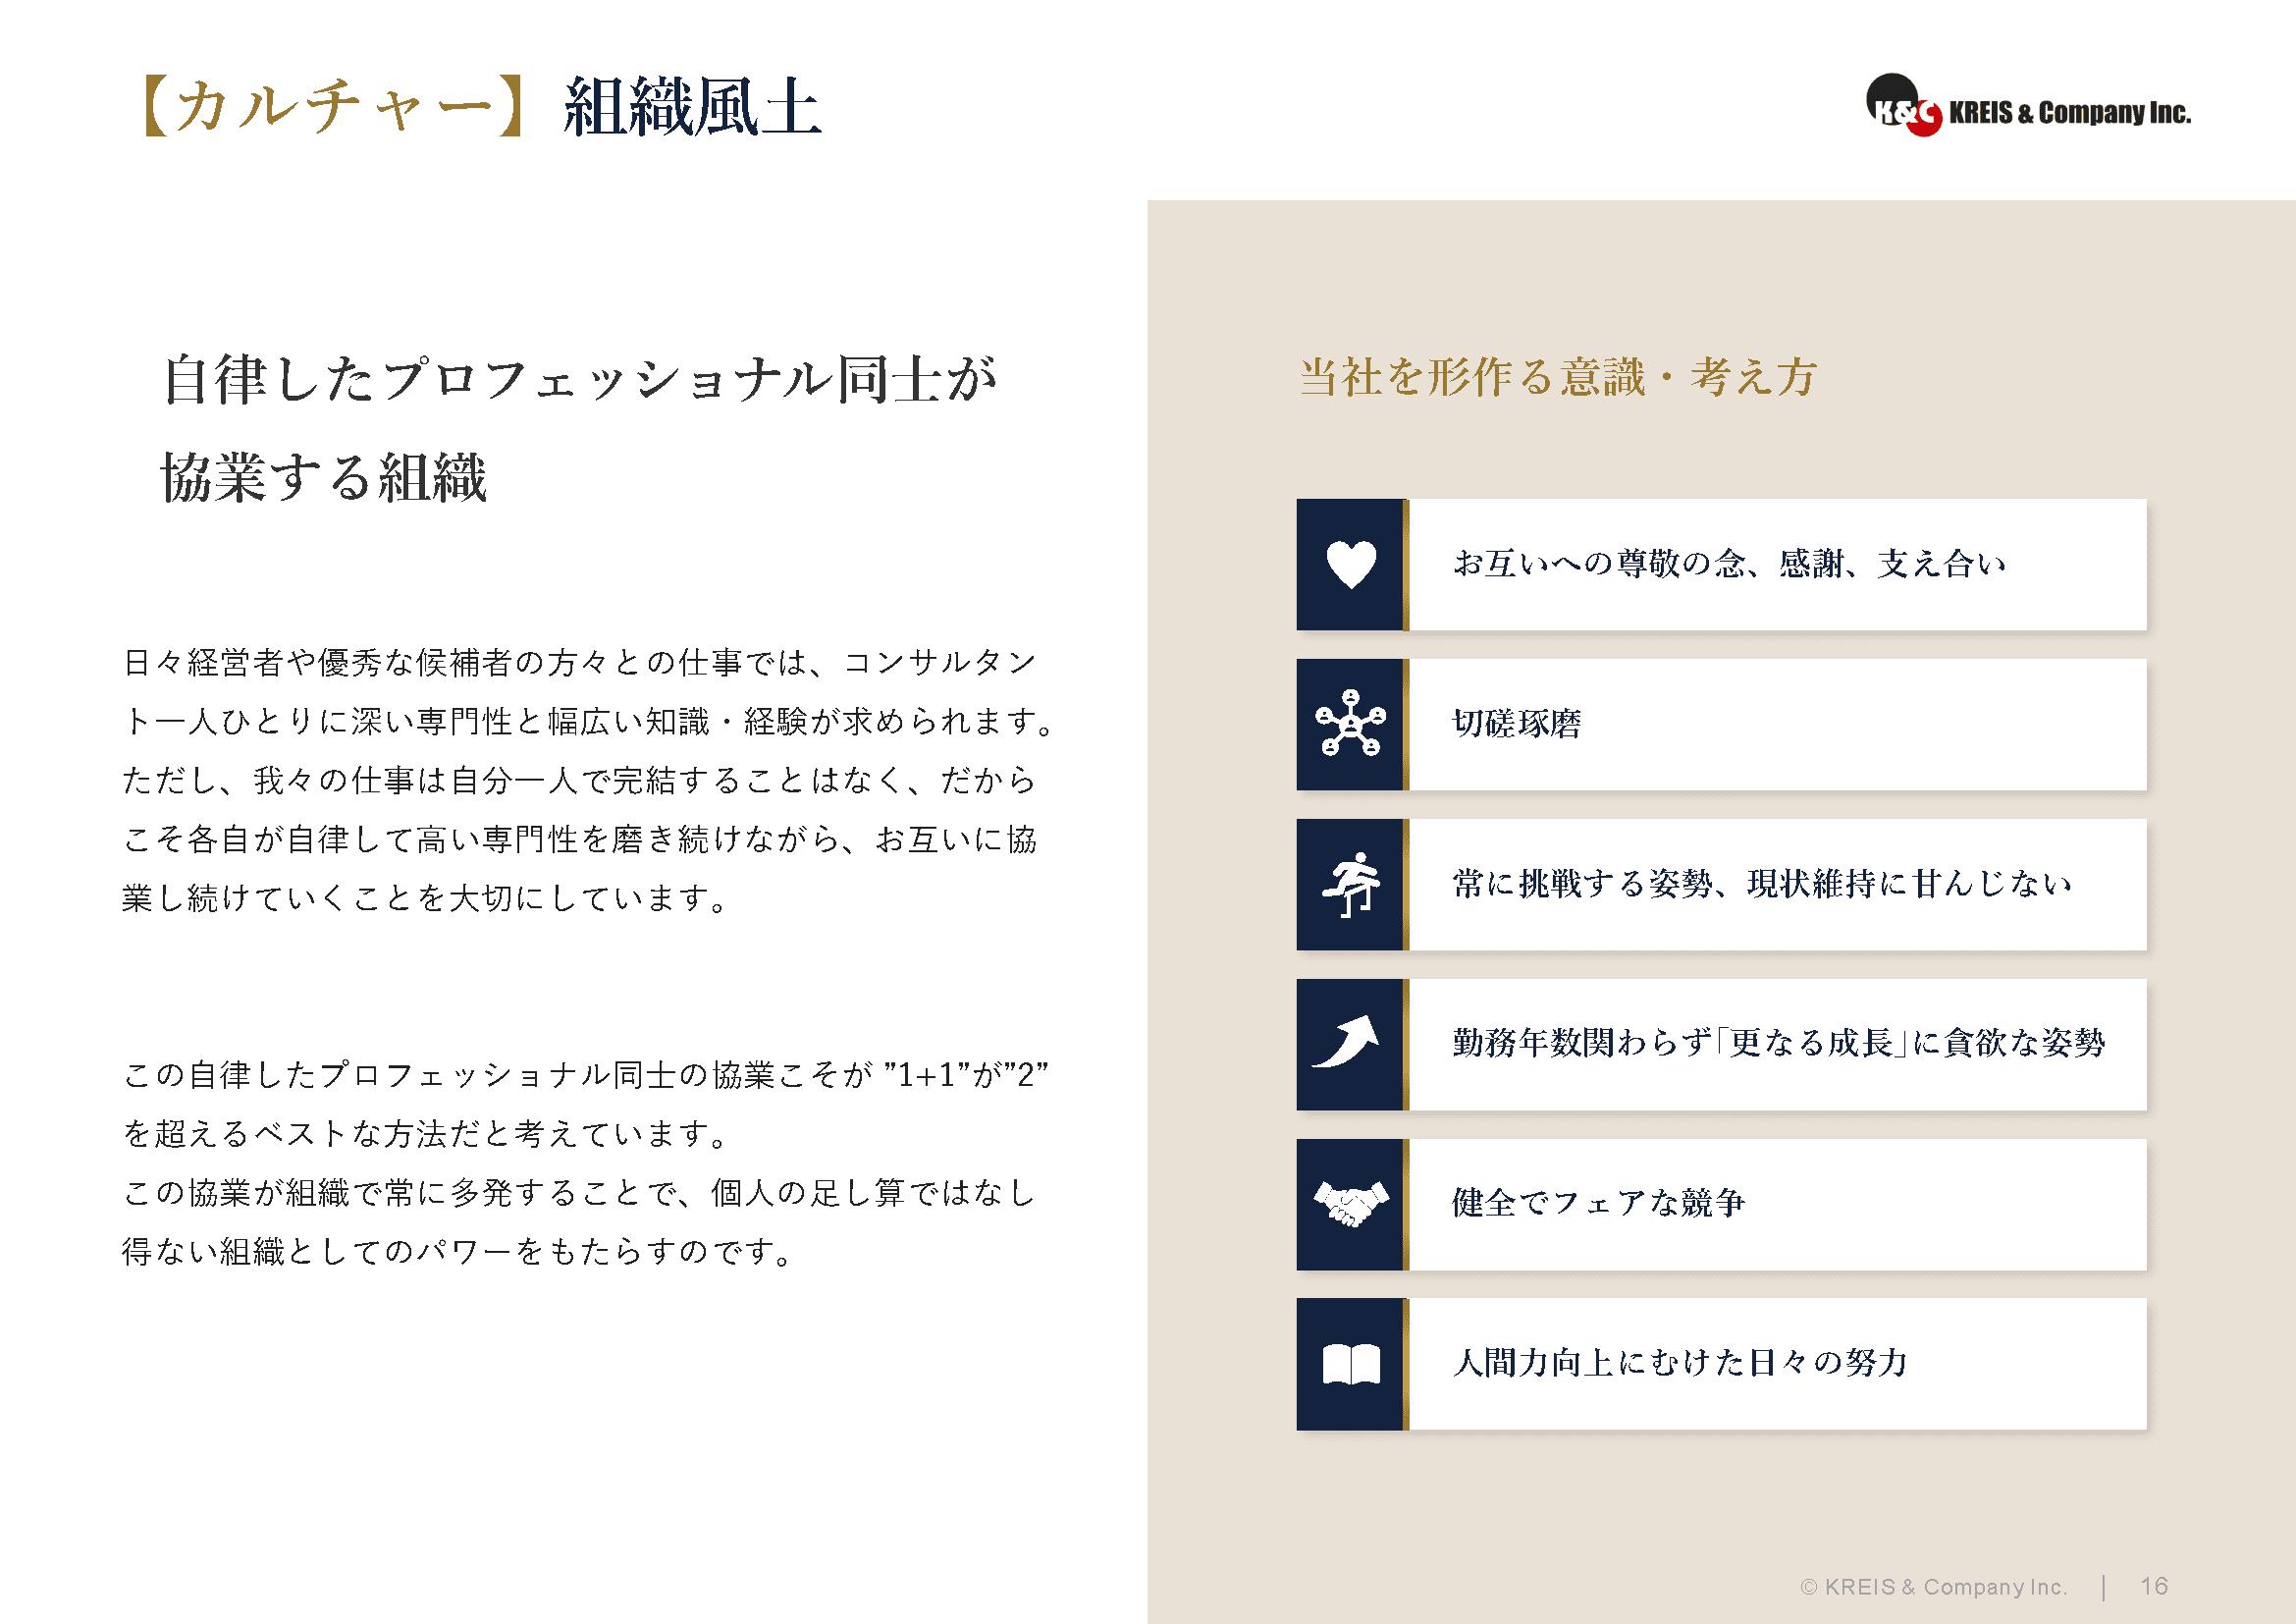 【カルチャー】組織風土